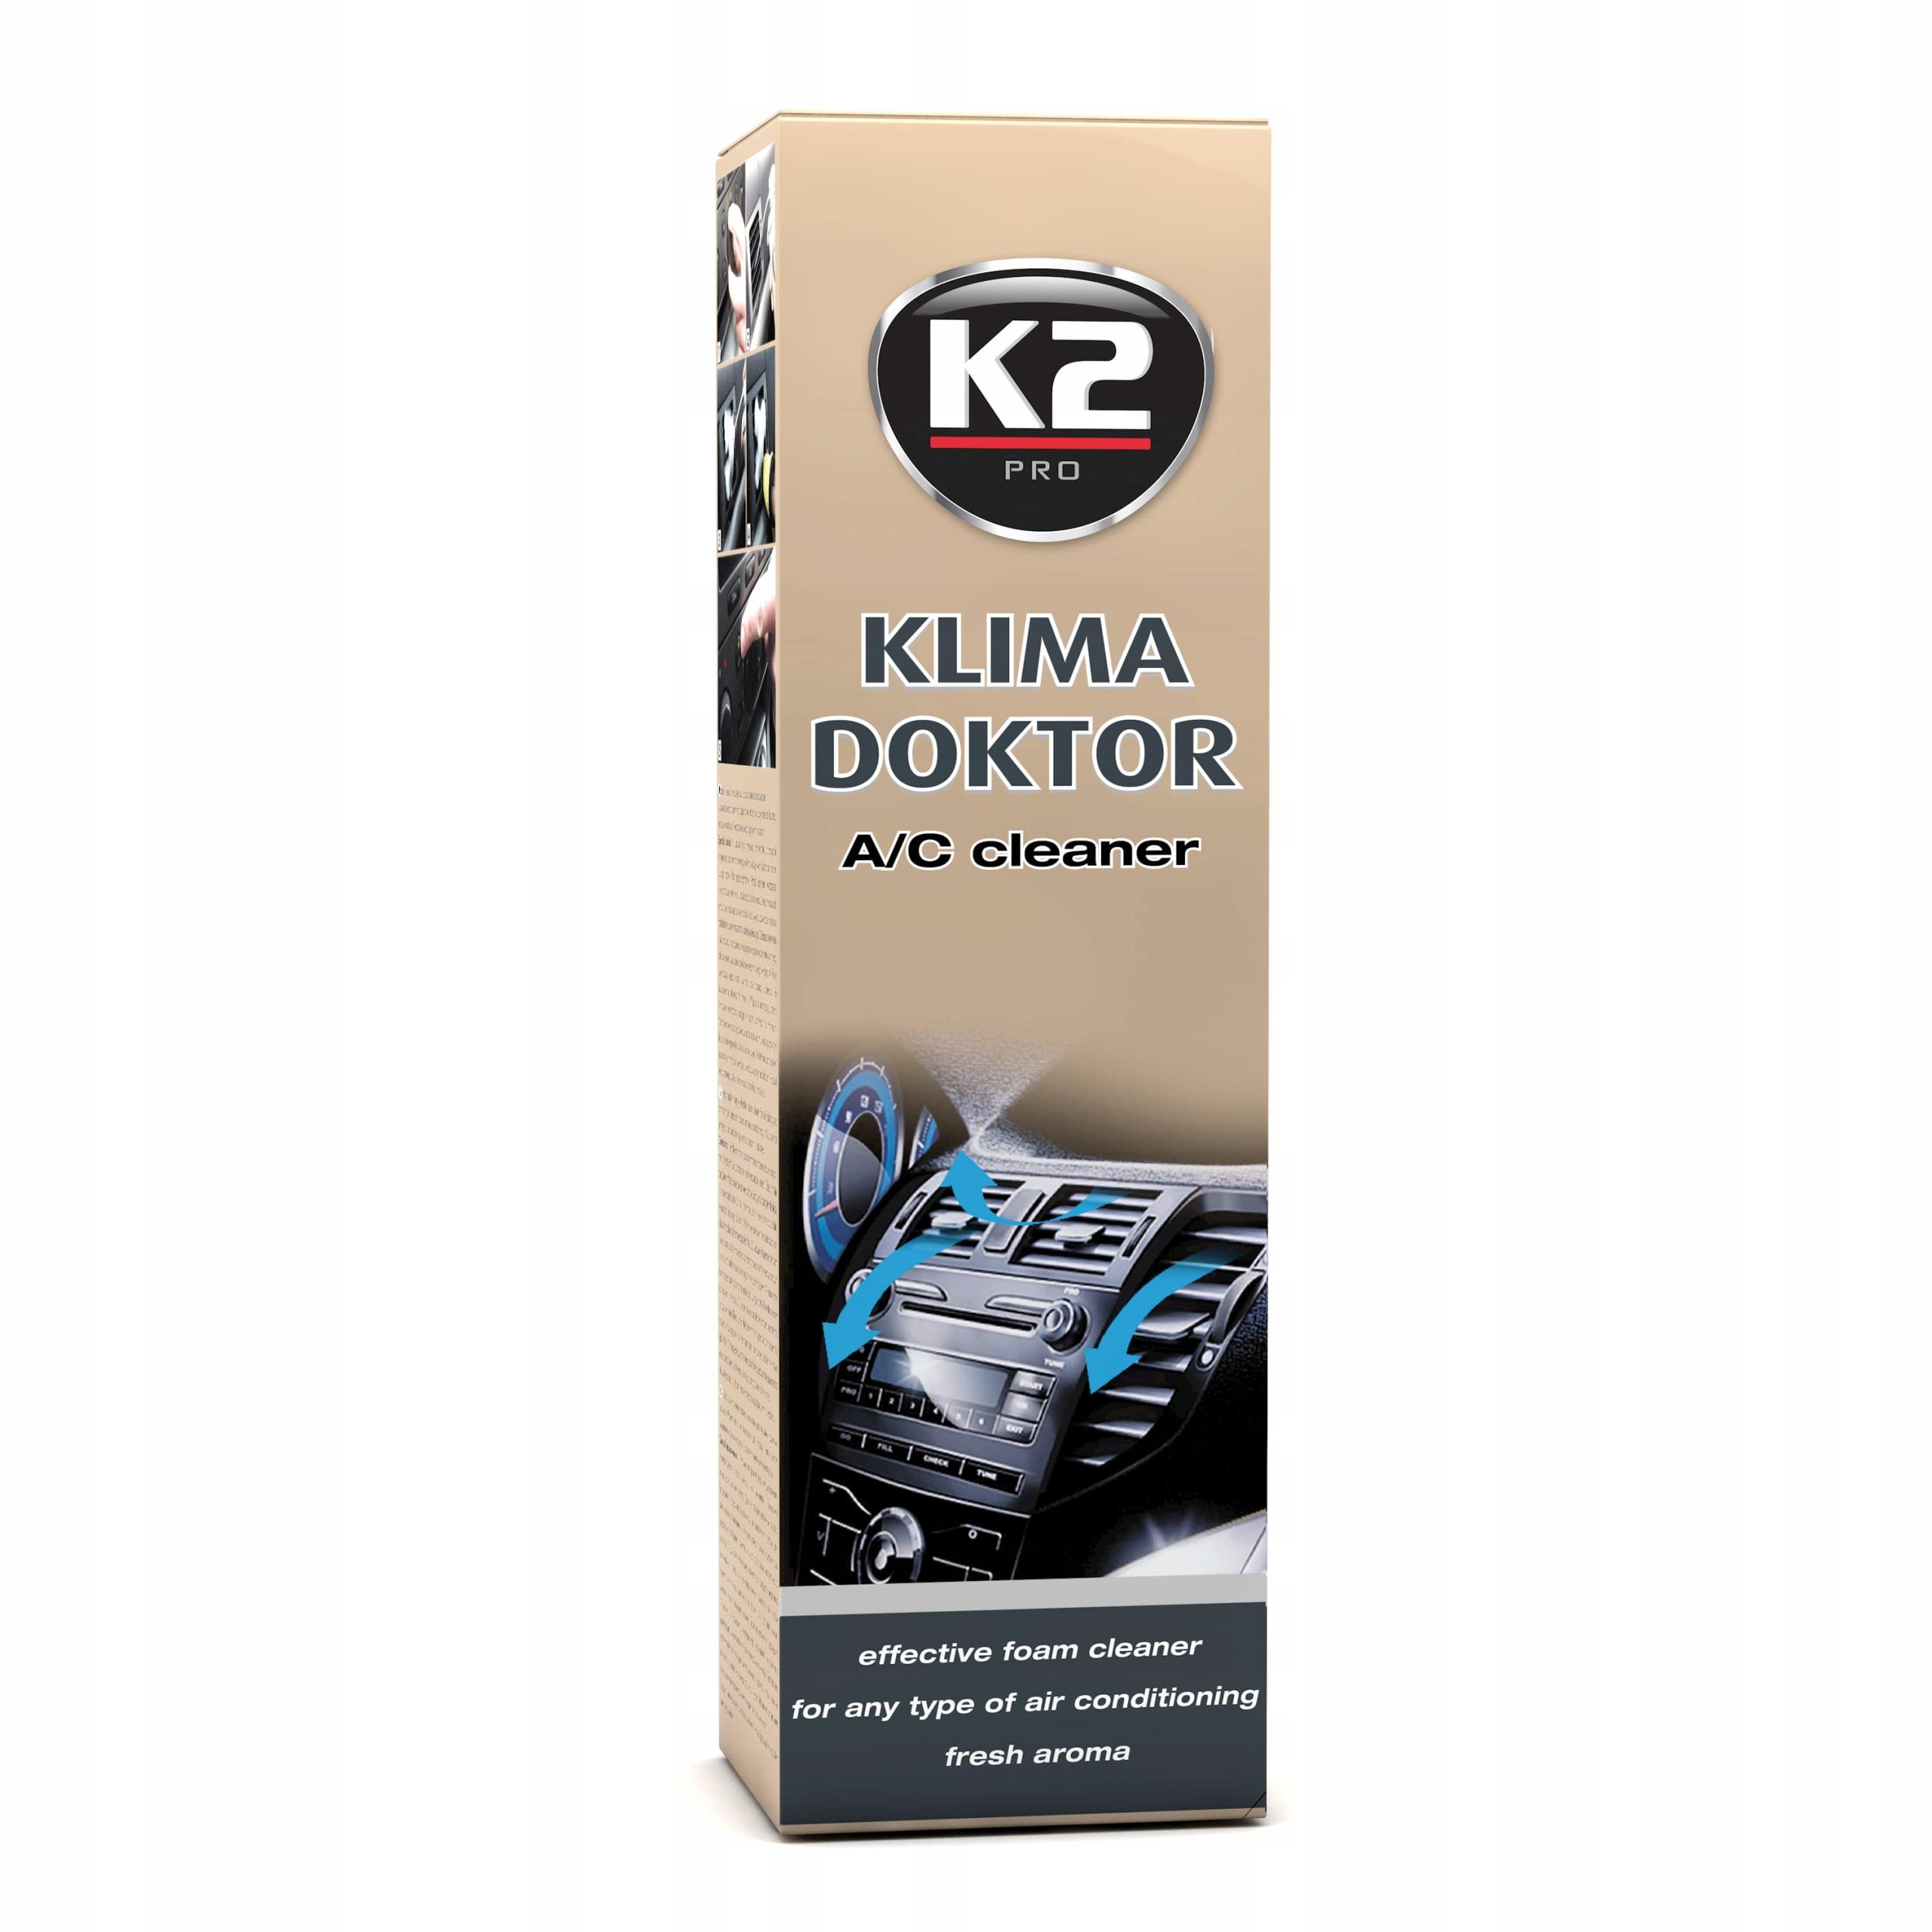 kilima doctor k2 чистка кондиционирования воздуха + бесплатно